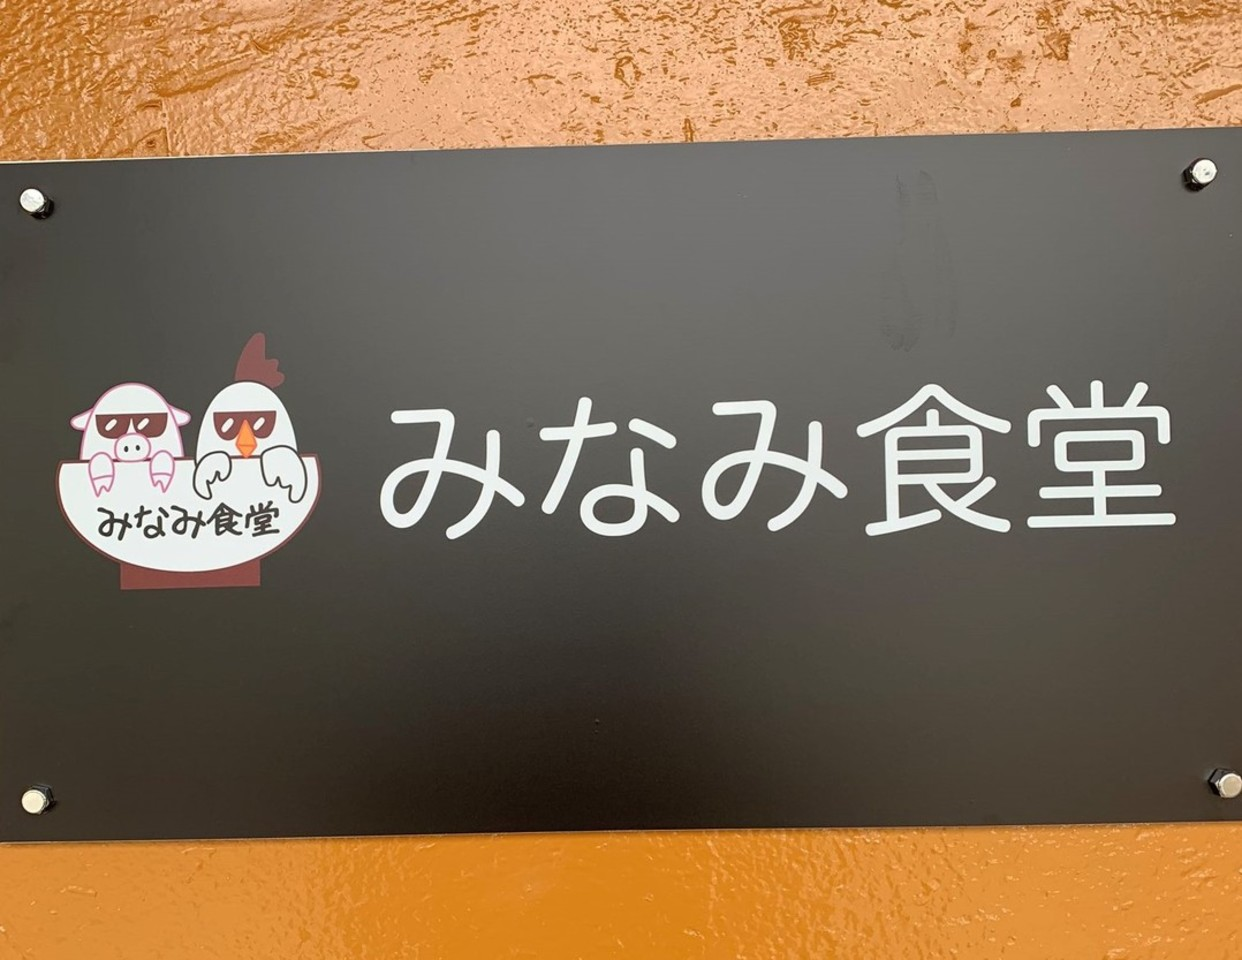 奈良県奈良市大森町にらぁめん屋「みなみ食堂」が昨日オープンされたようです。